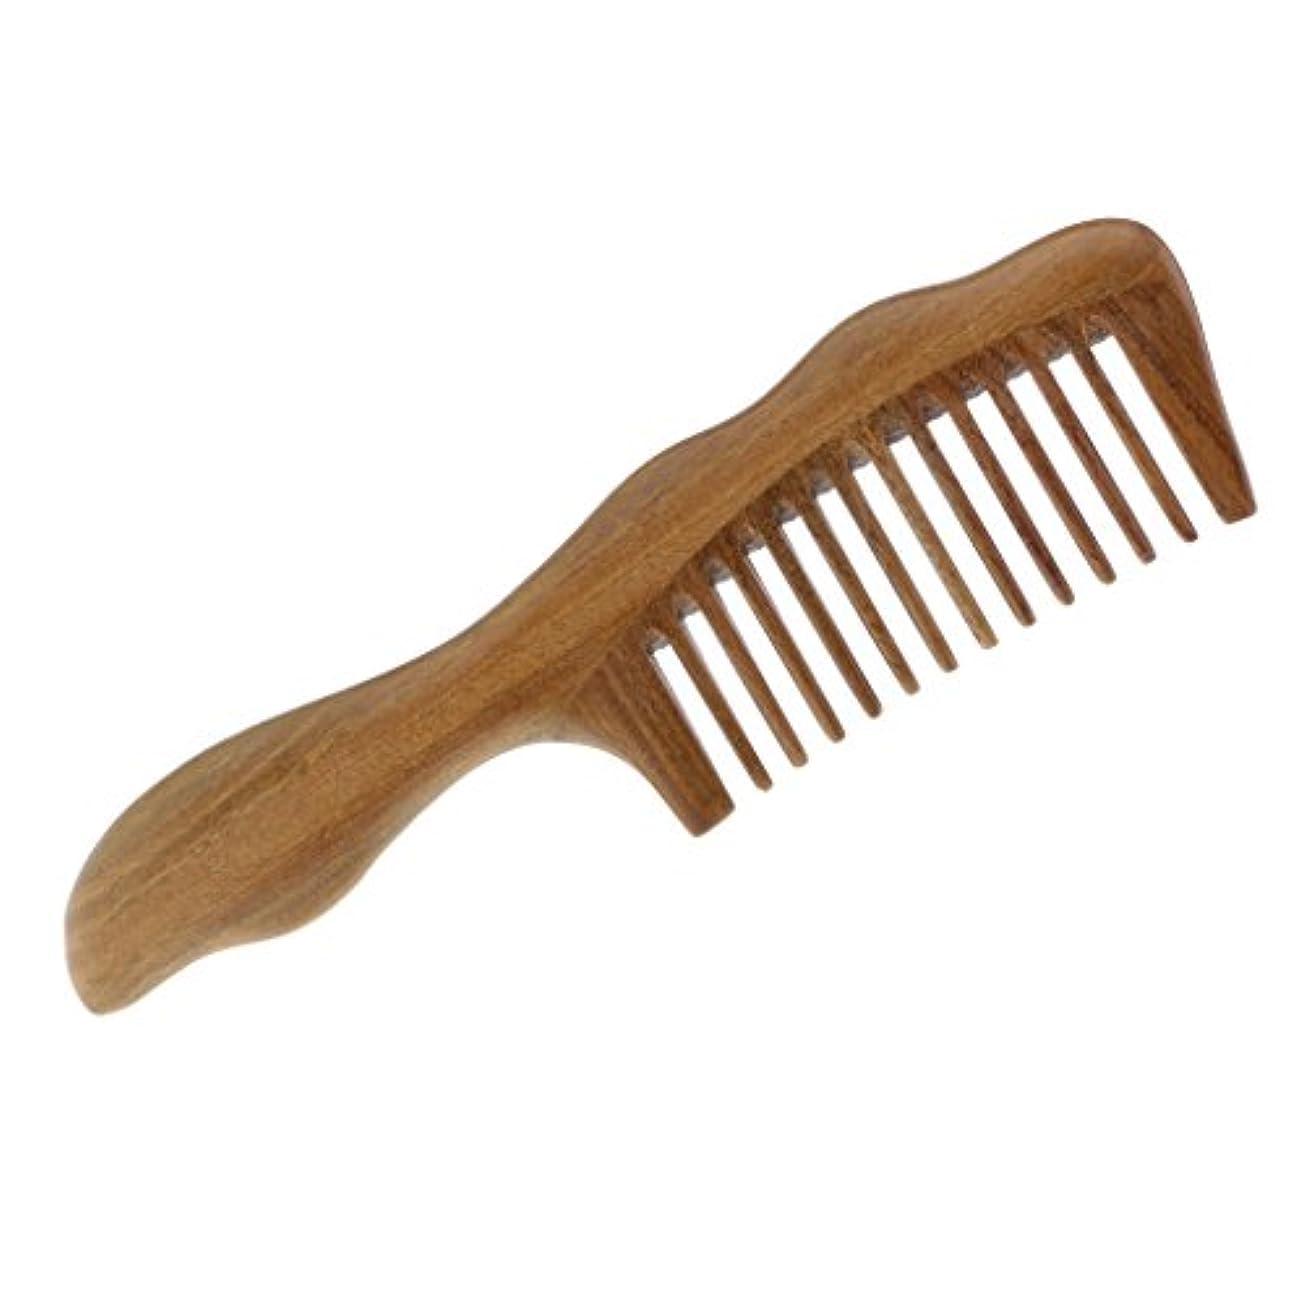 仲間パターン雑品Toygogo 広い歯の櫛の木製のもつれの櫛、木製の毛のブラシ/Sandalwoodの非静的な木の櫛